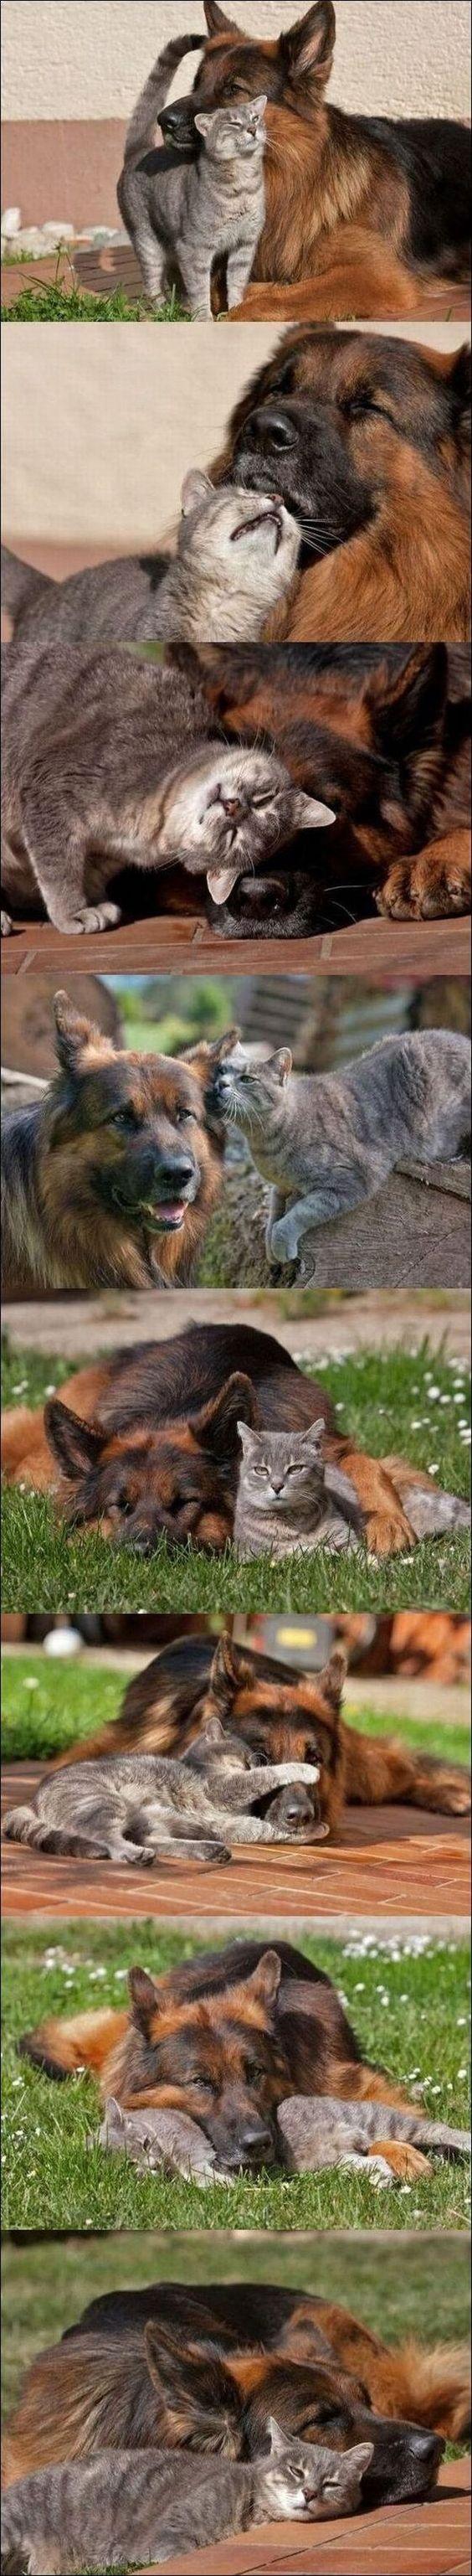 Amizade...                                                                                                                                                                                 Mais